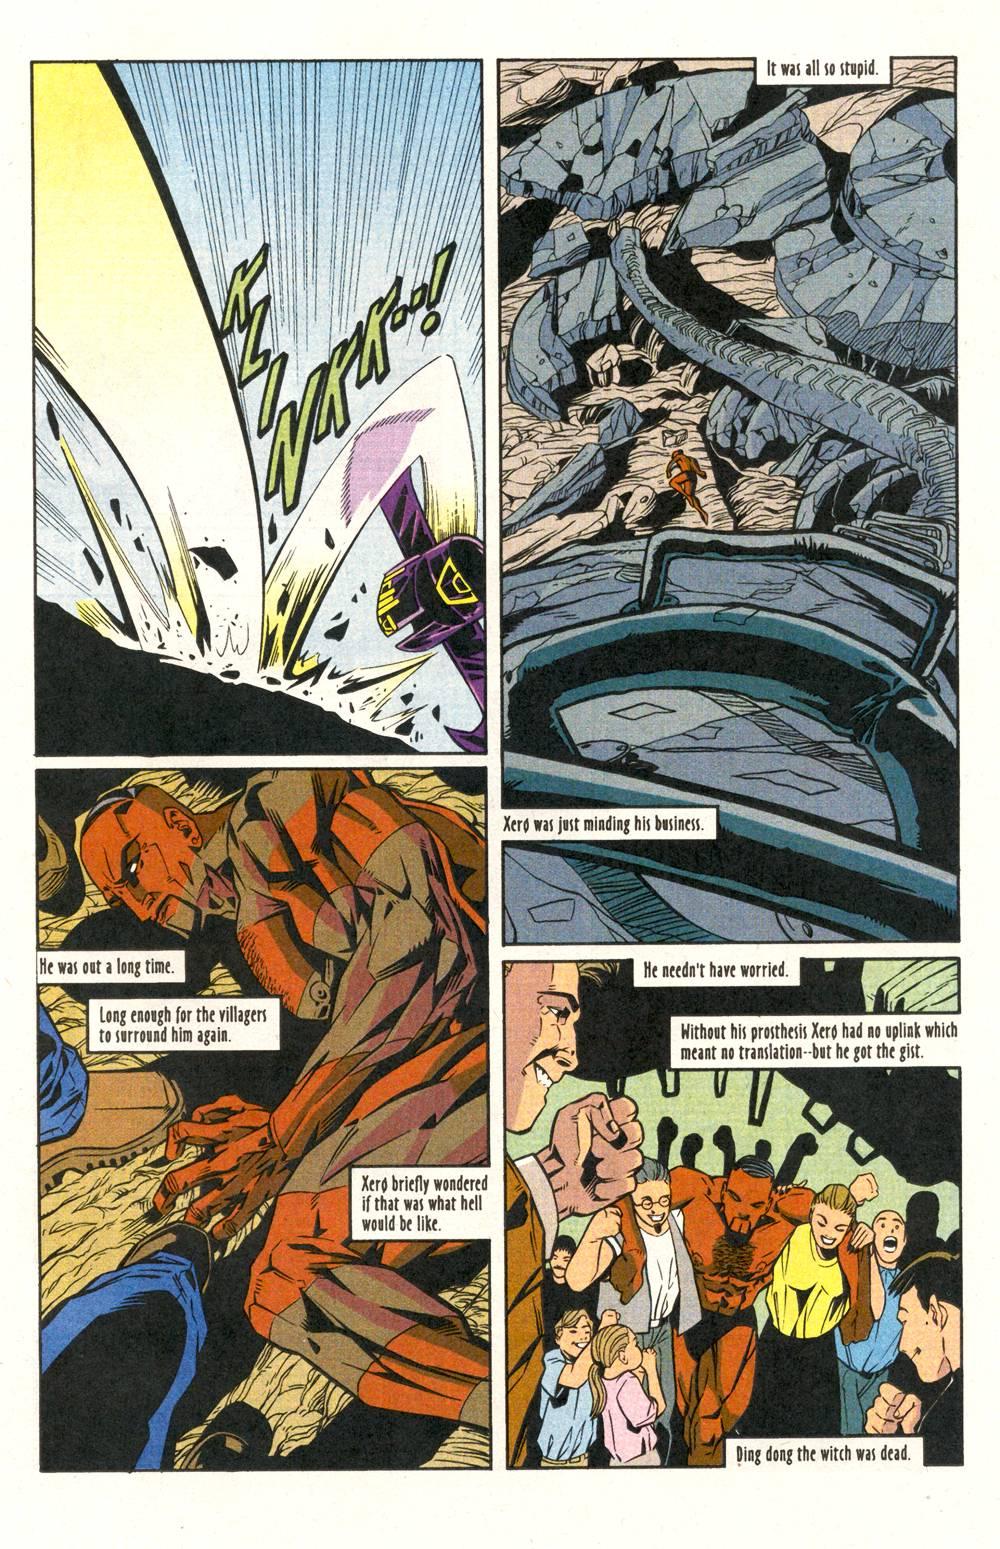 Read online Xero comic -  Issue #6 - 24